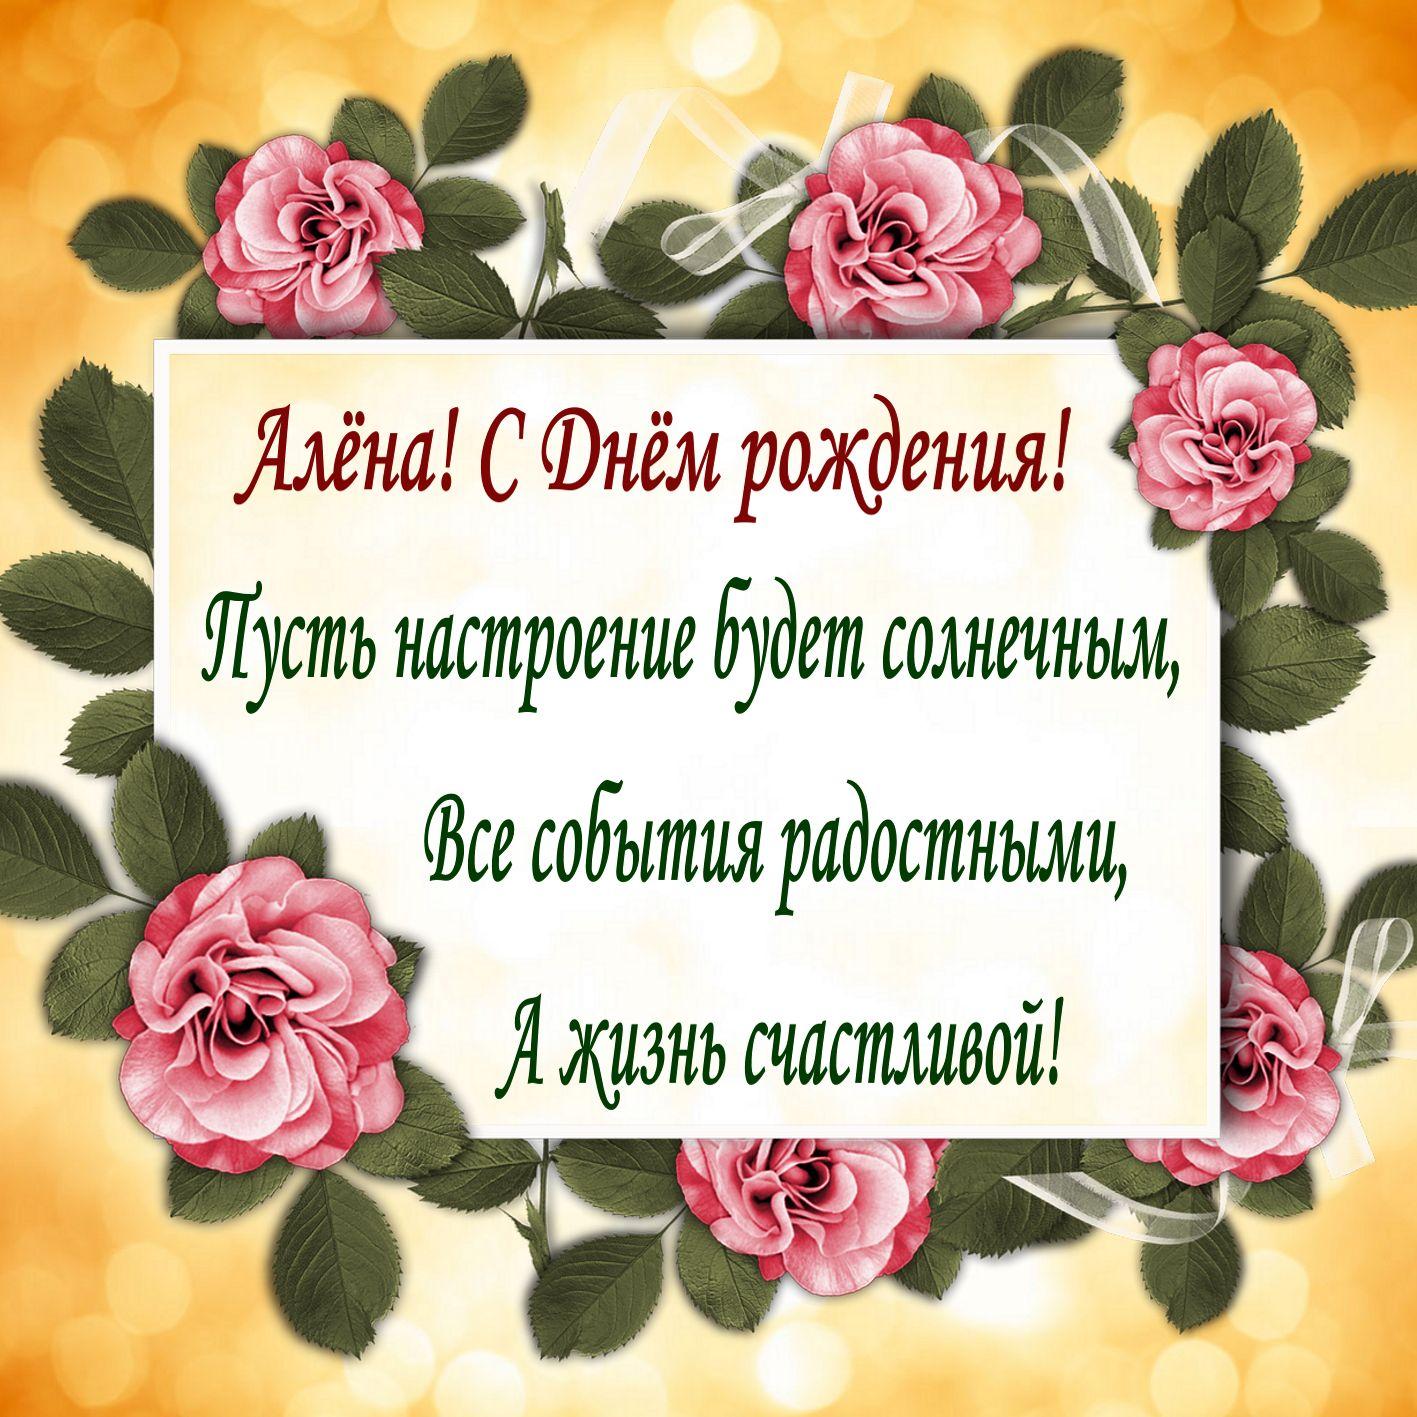 Поздравление женщине, поздравительные открытки с днем рождения женщине красивые евгение